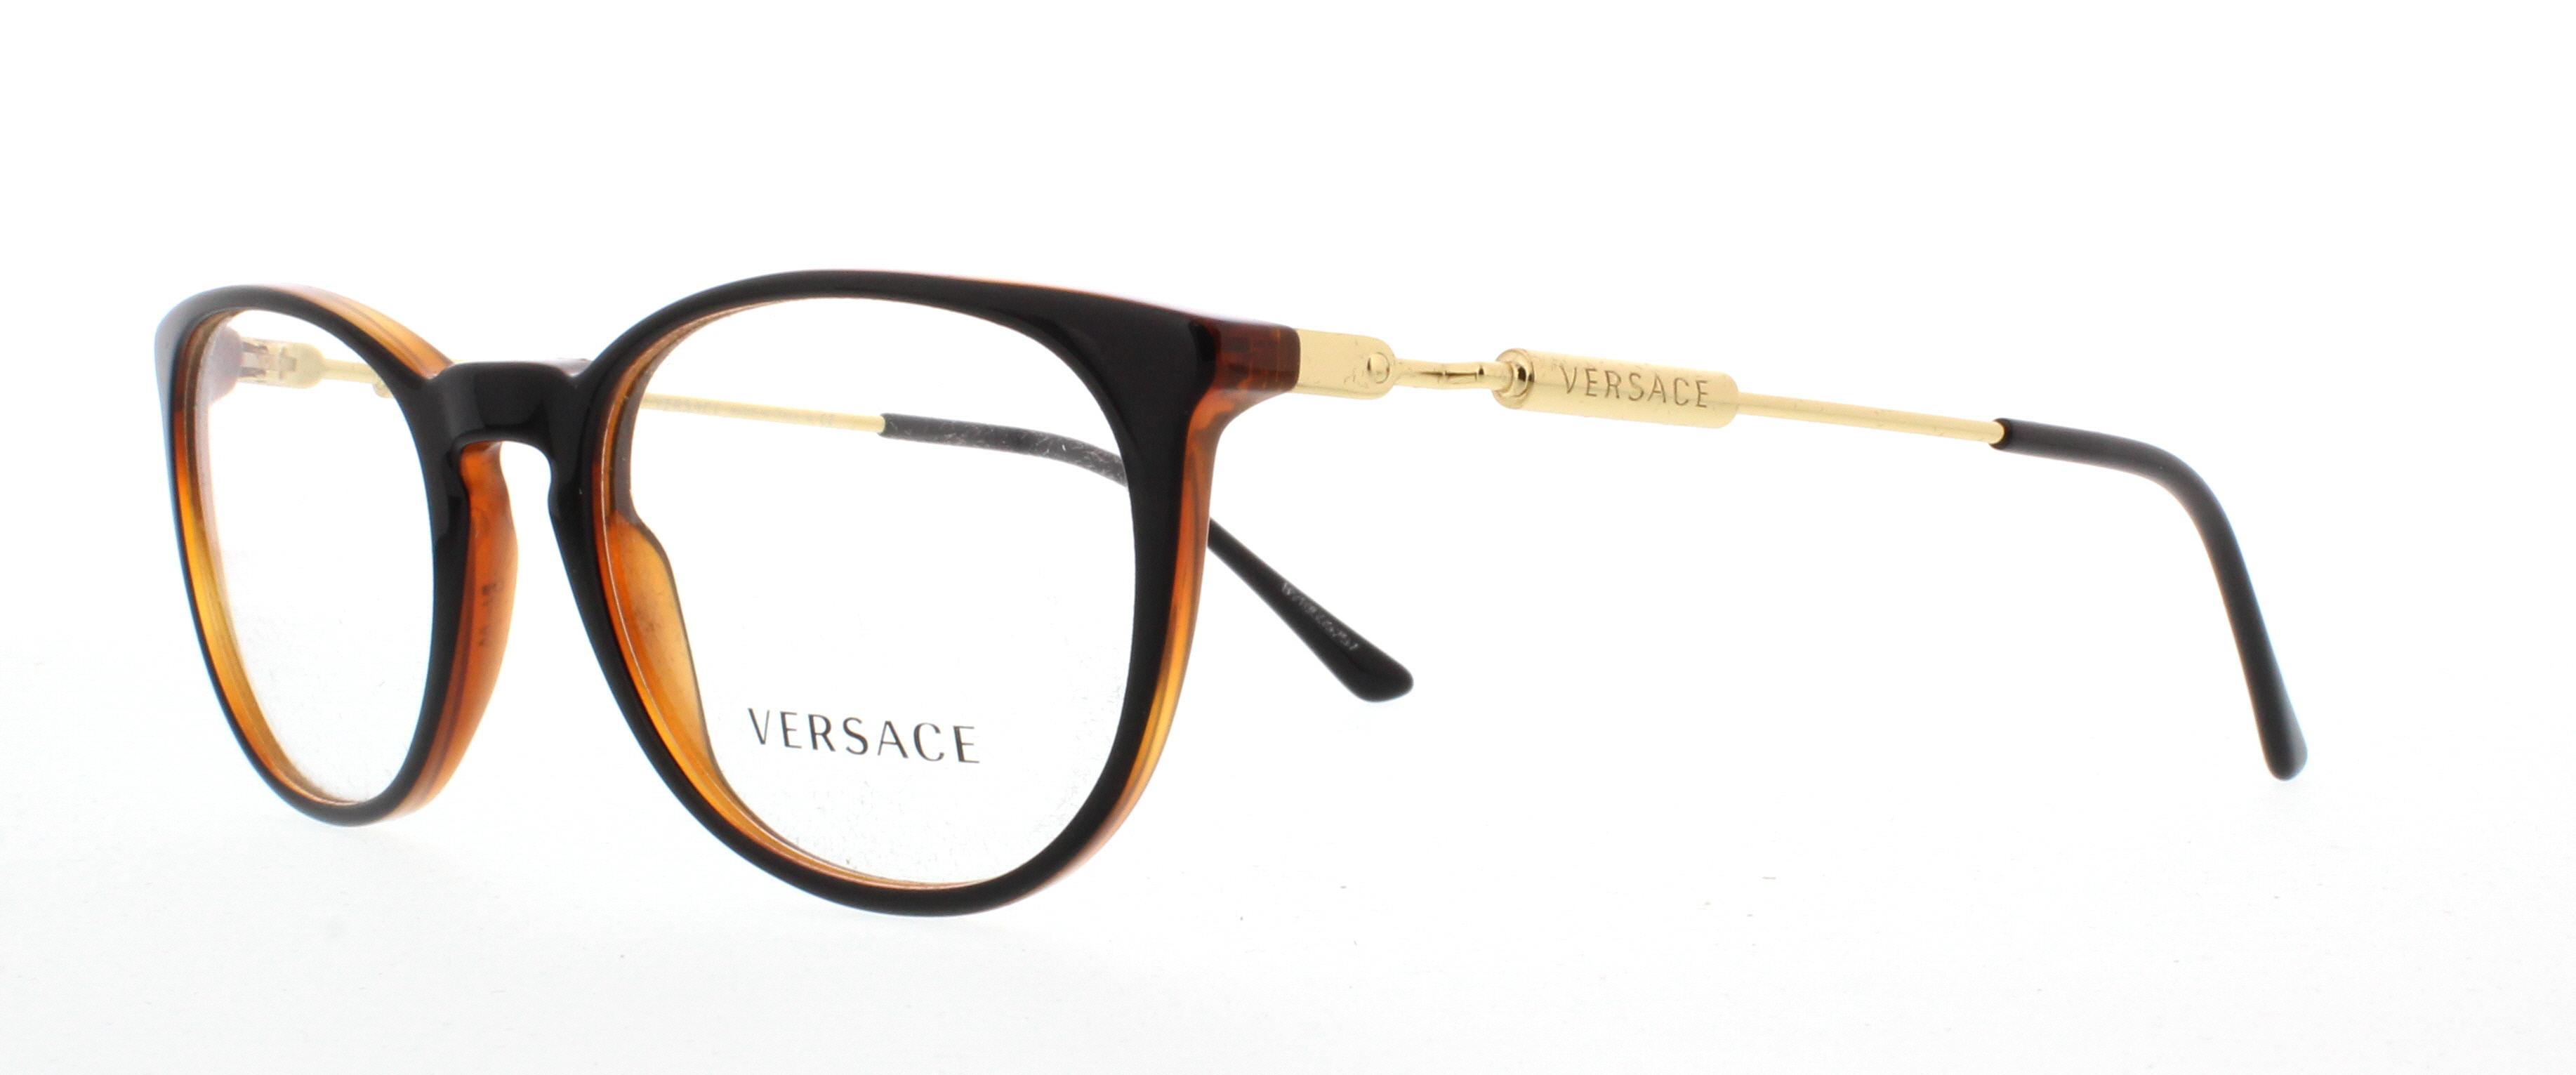 Designer Frames Outlet. Versace VE3227